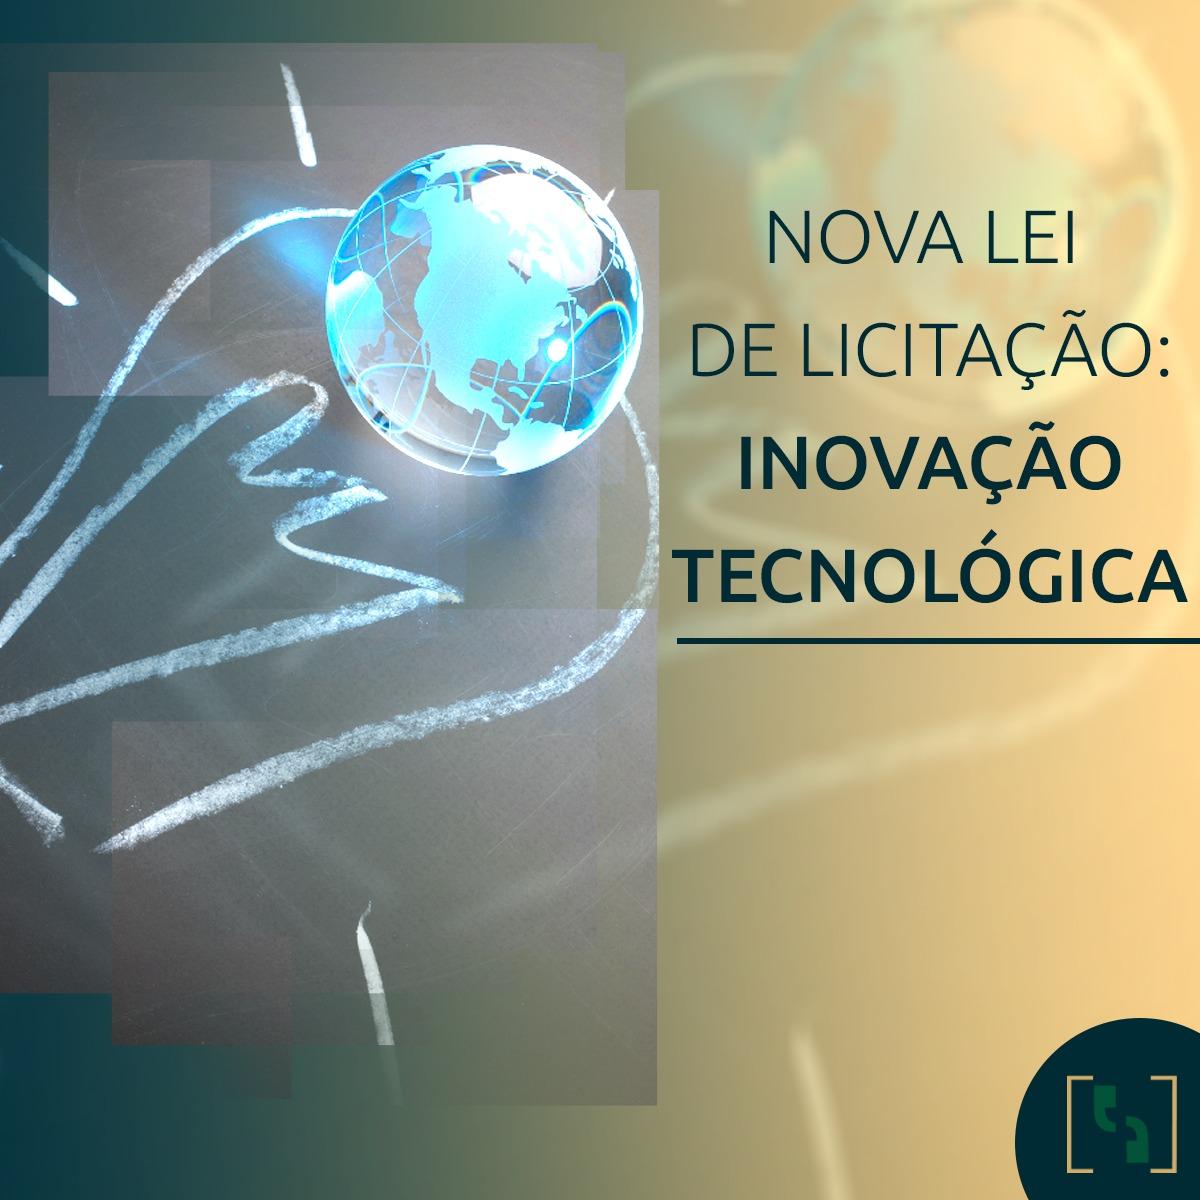 NOVA LEI DE LICITAÇÃO: INOVAÇÃO TECNOLÓGICA